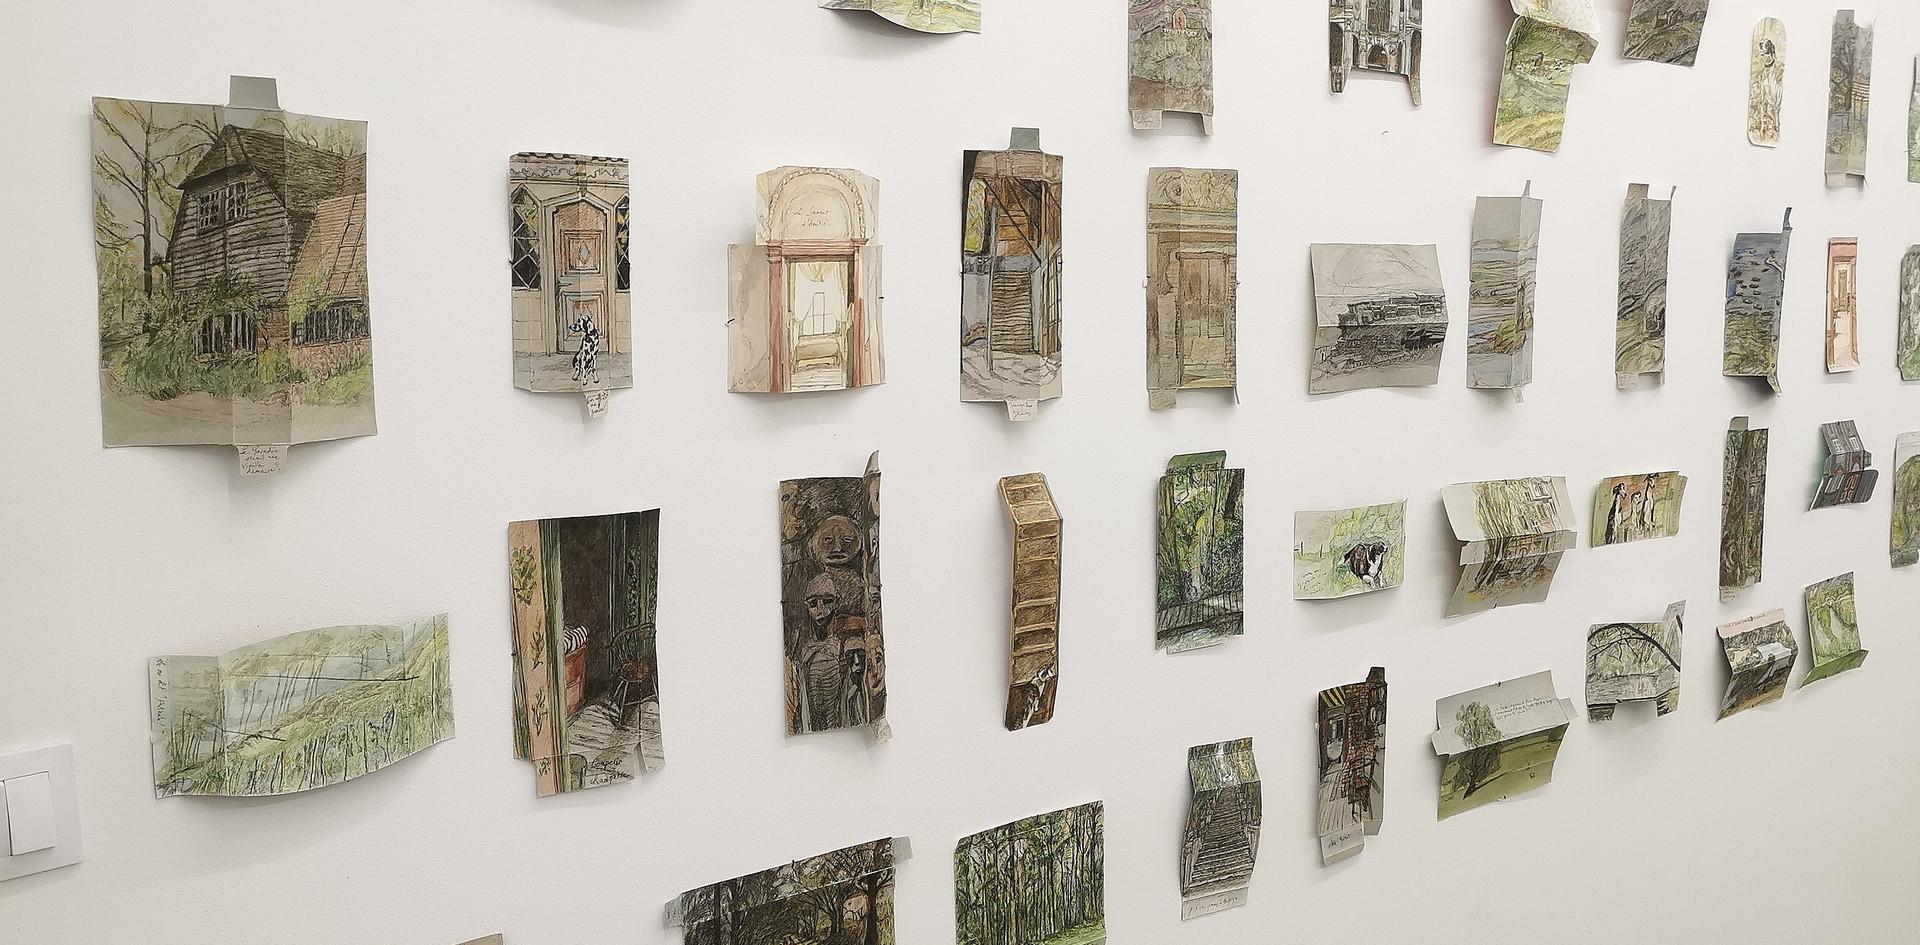 Baume d'images, Violette Grosperrin